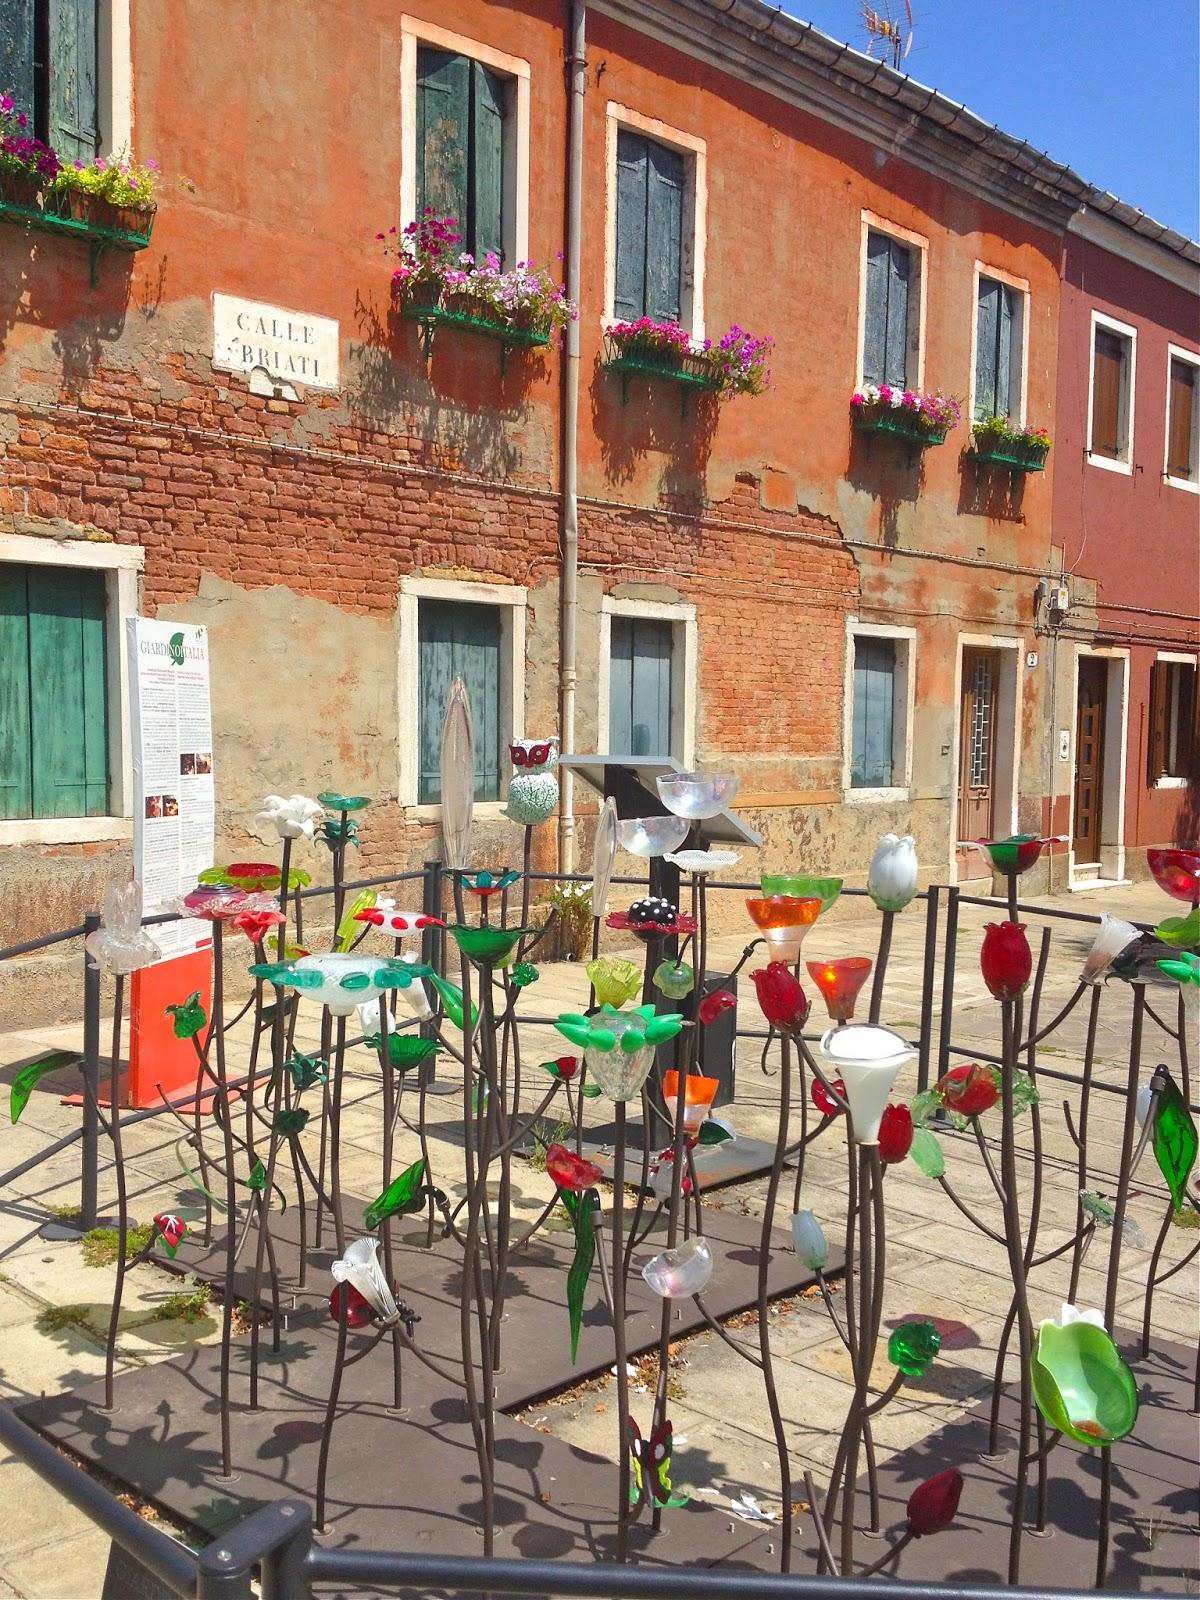 Calle Briati in Murano, Italy.